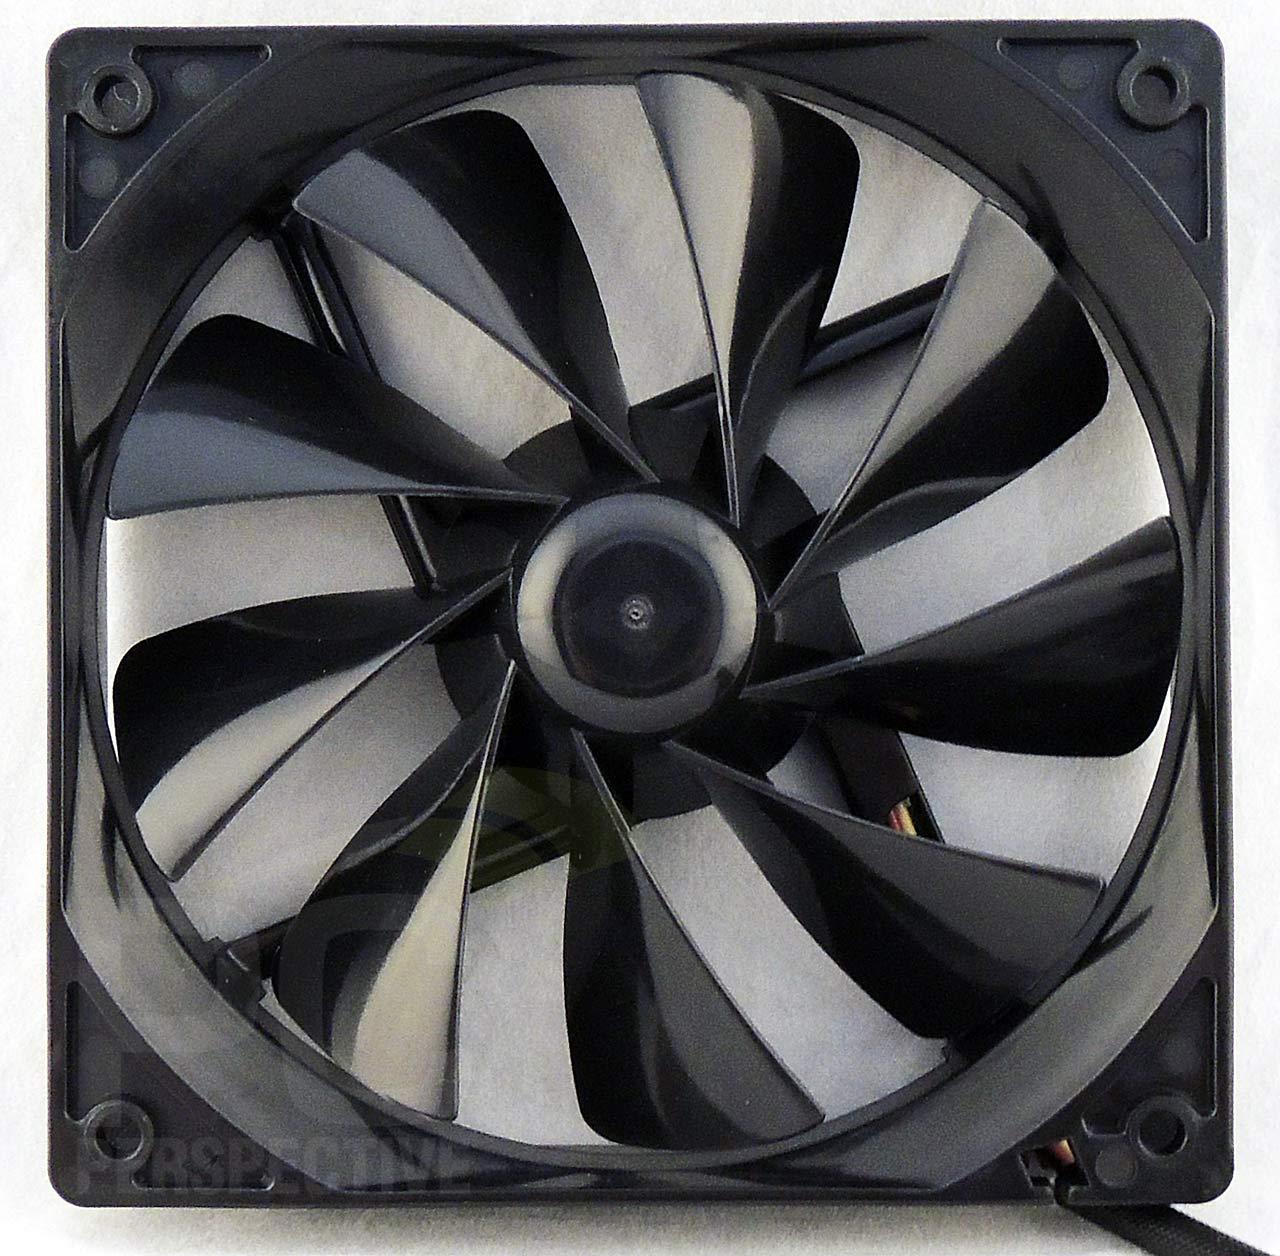 b2-fan-rear-front.jpg